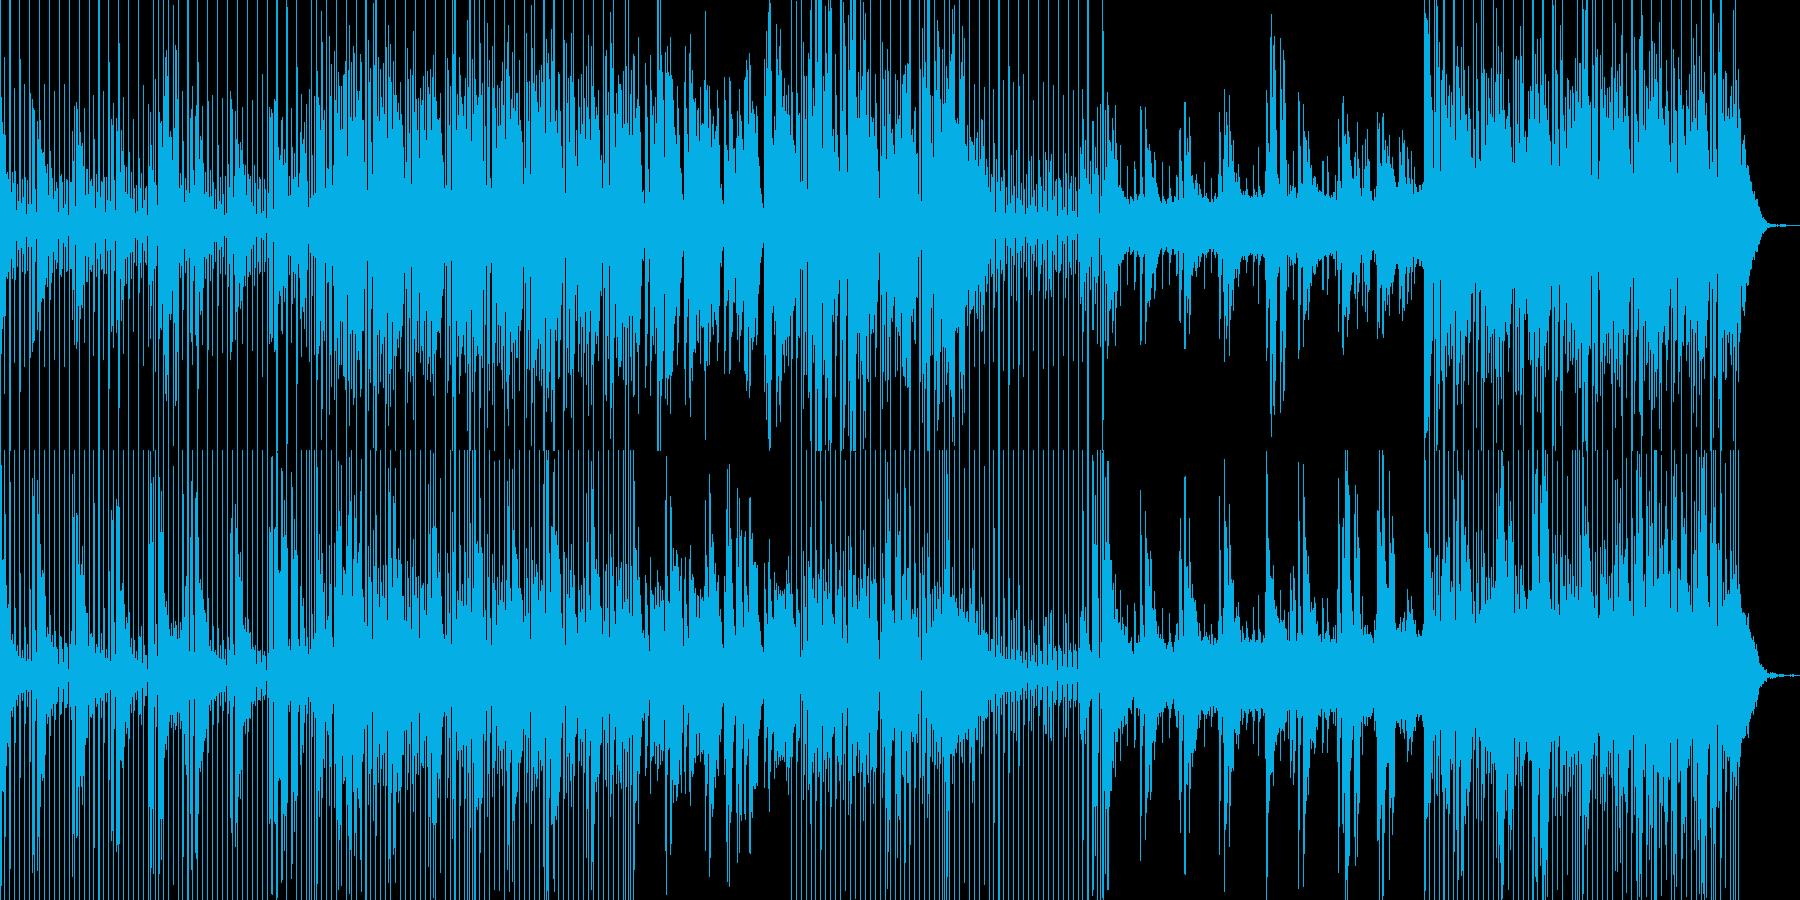 クールな風景に合うアンビエント系BGMの再生済みの波形